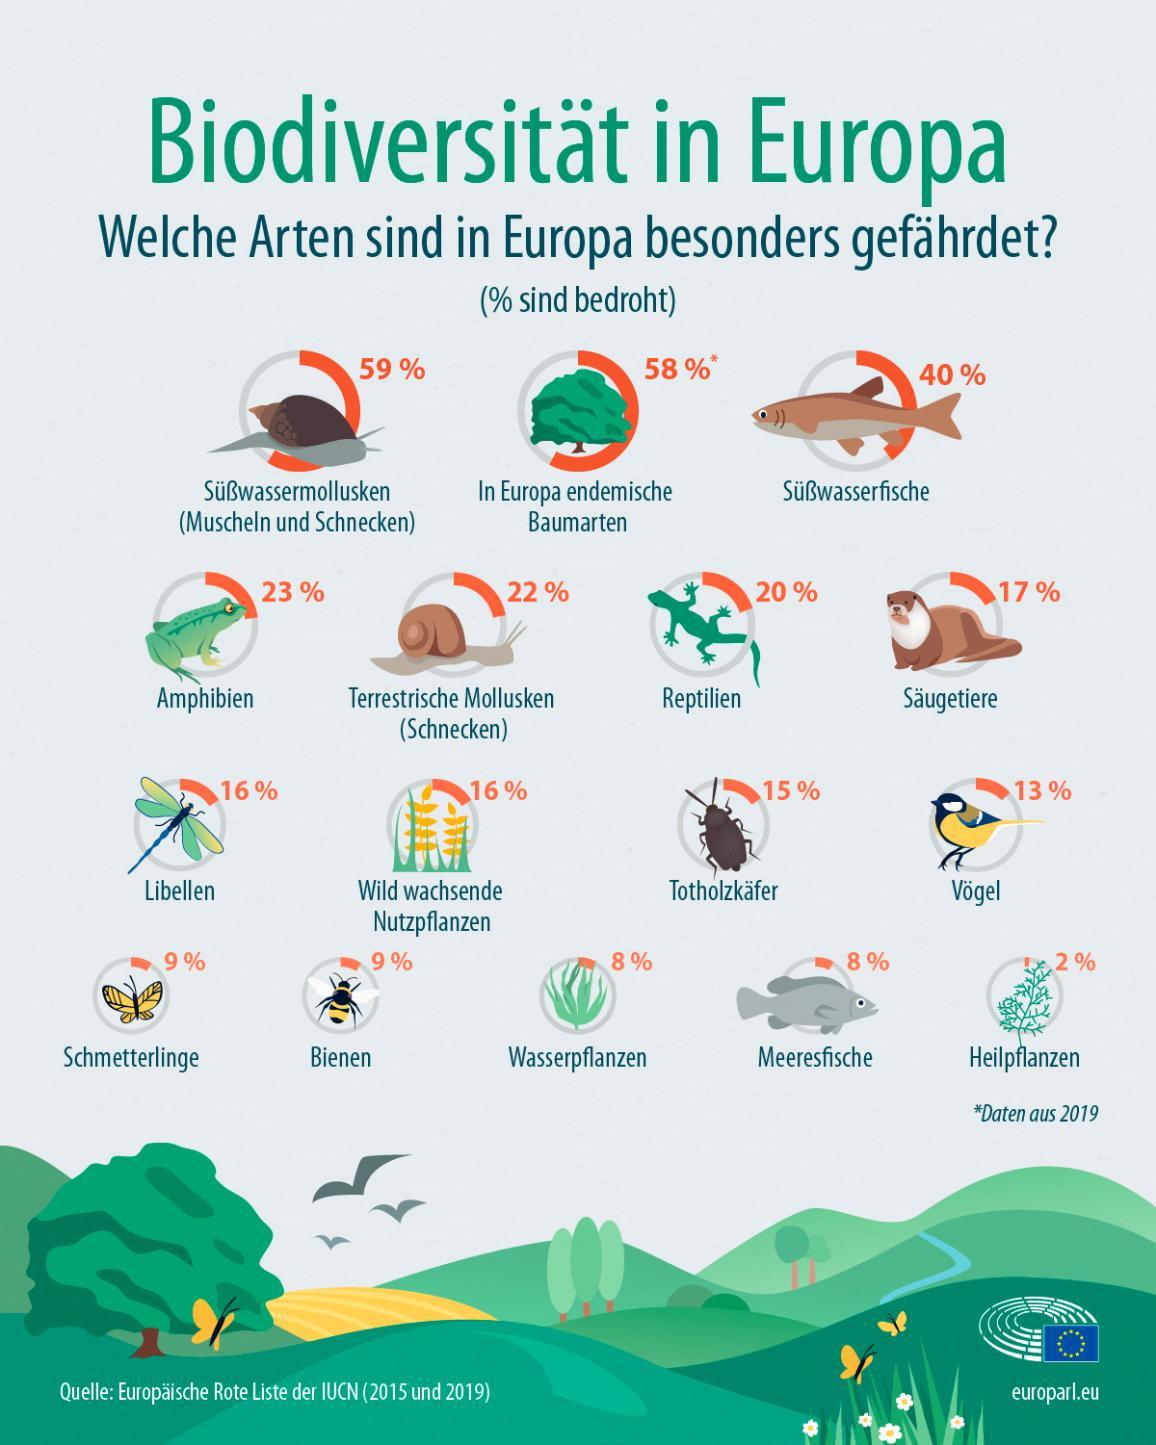 Die Infografik zeigt die gefährdetsten Arten in Europa